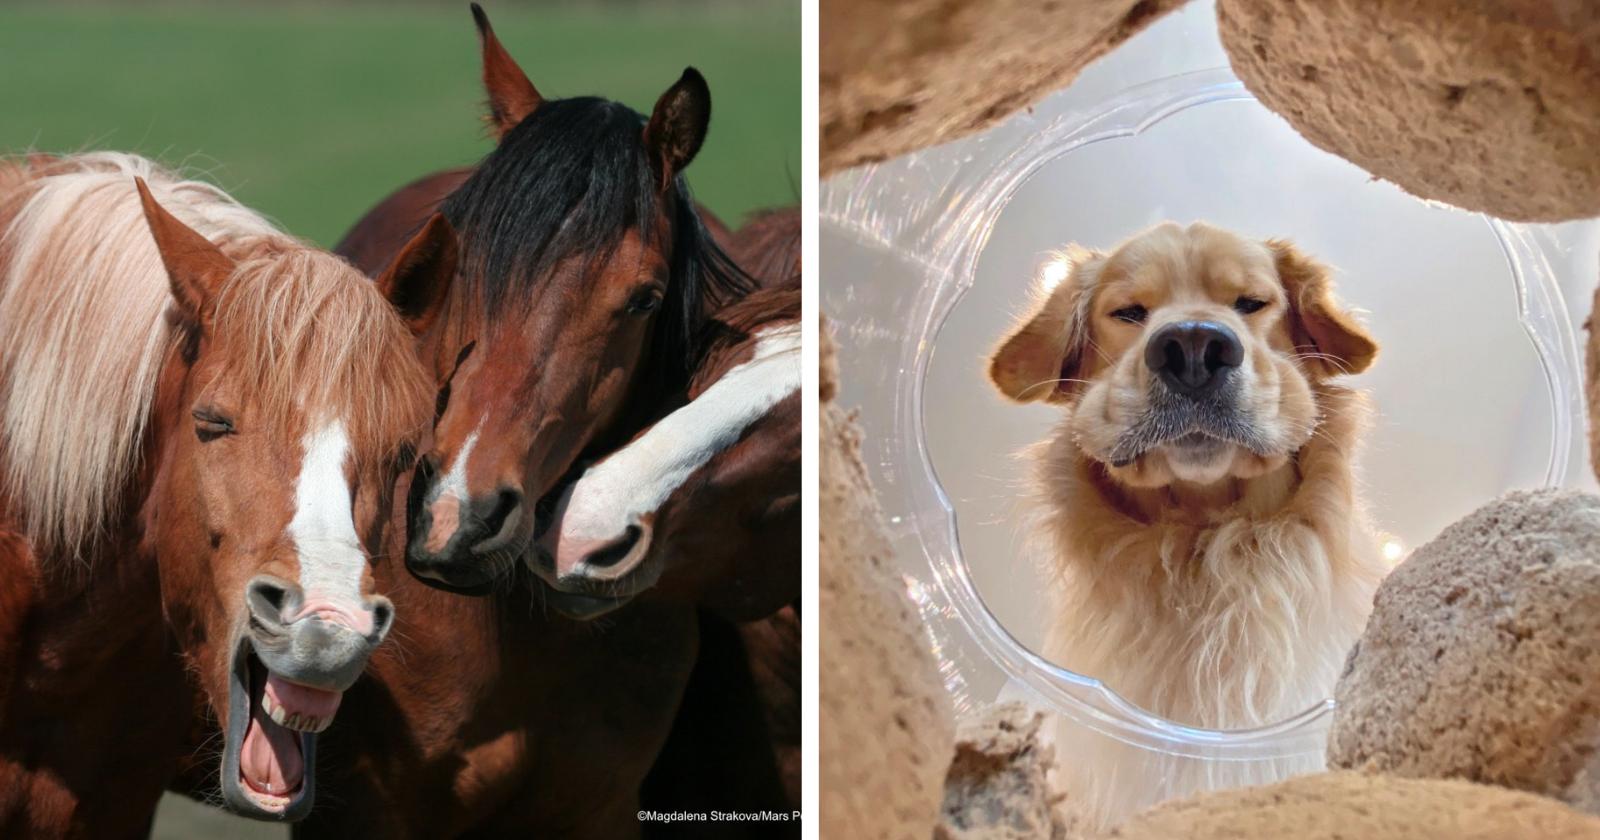 Concurso de fotografia animal anuncia as 40 fotos mais HILÁRIAS como finalistas